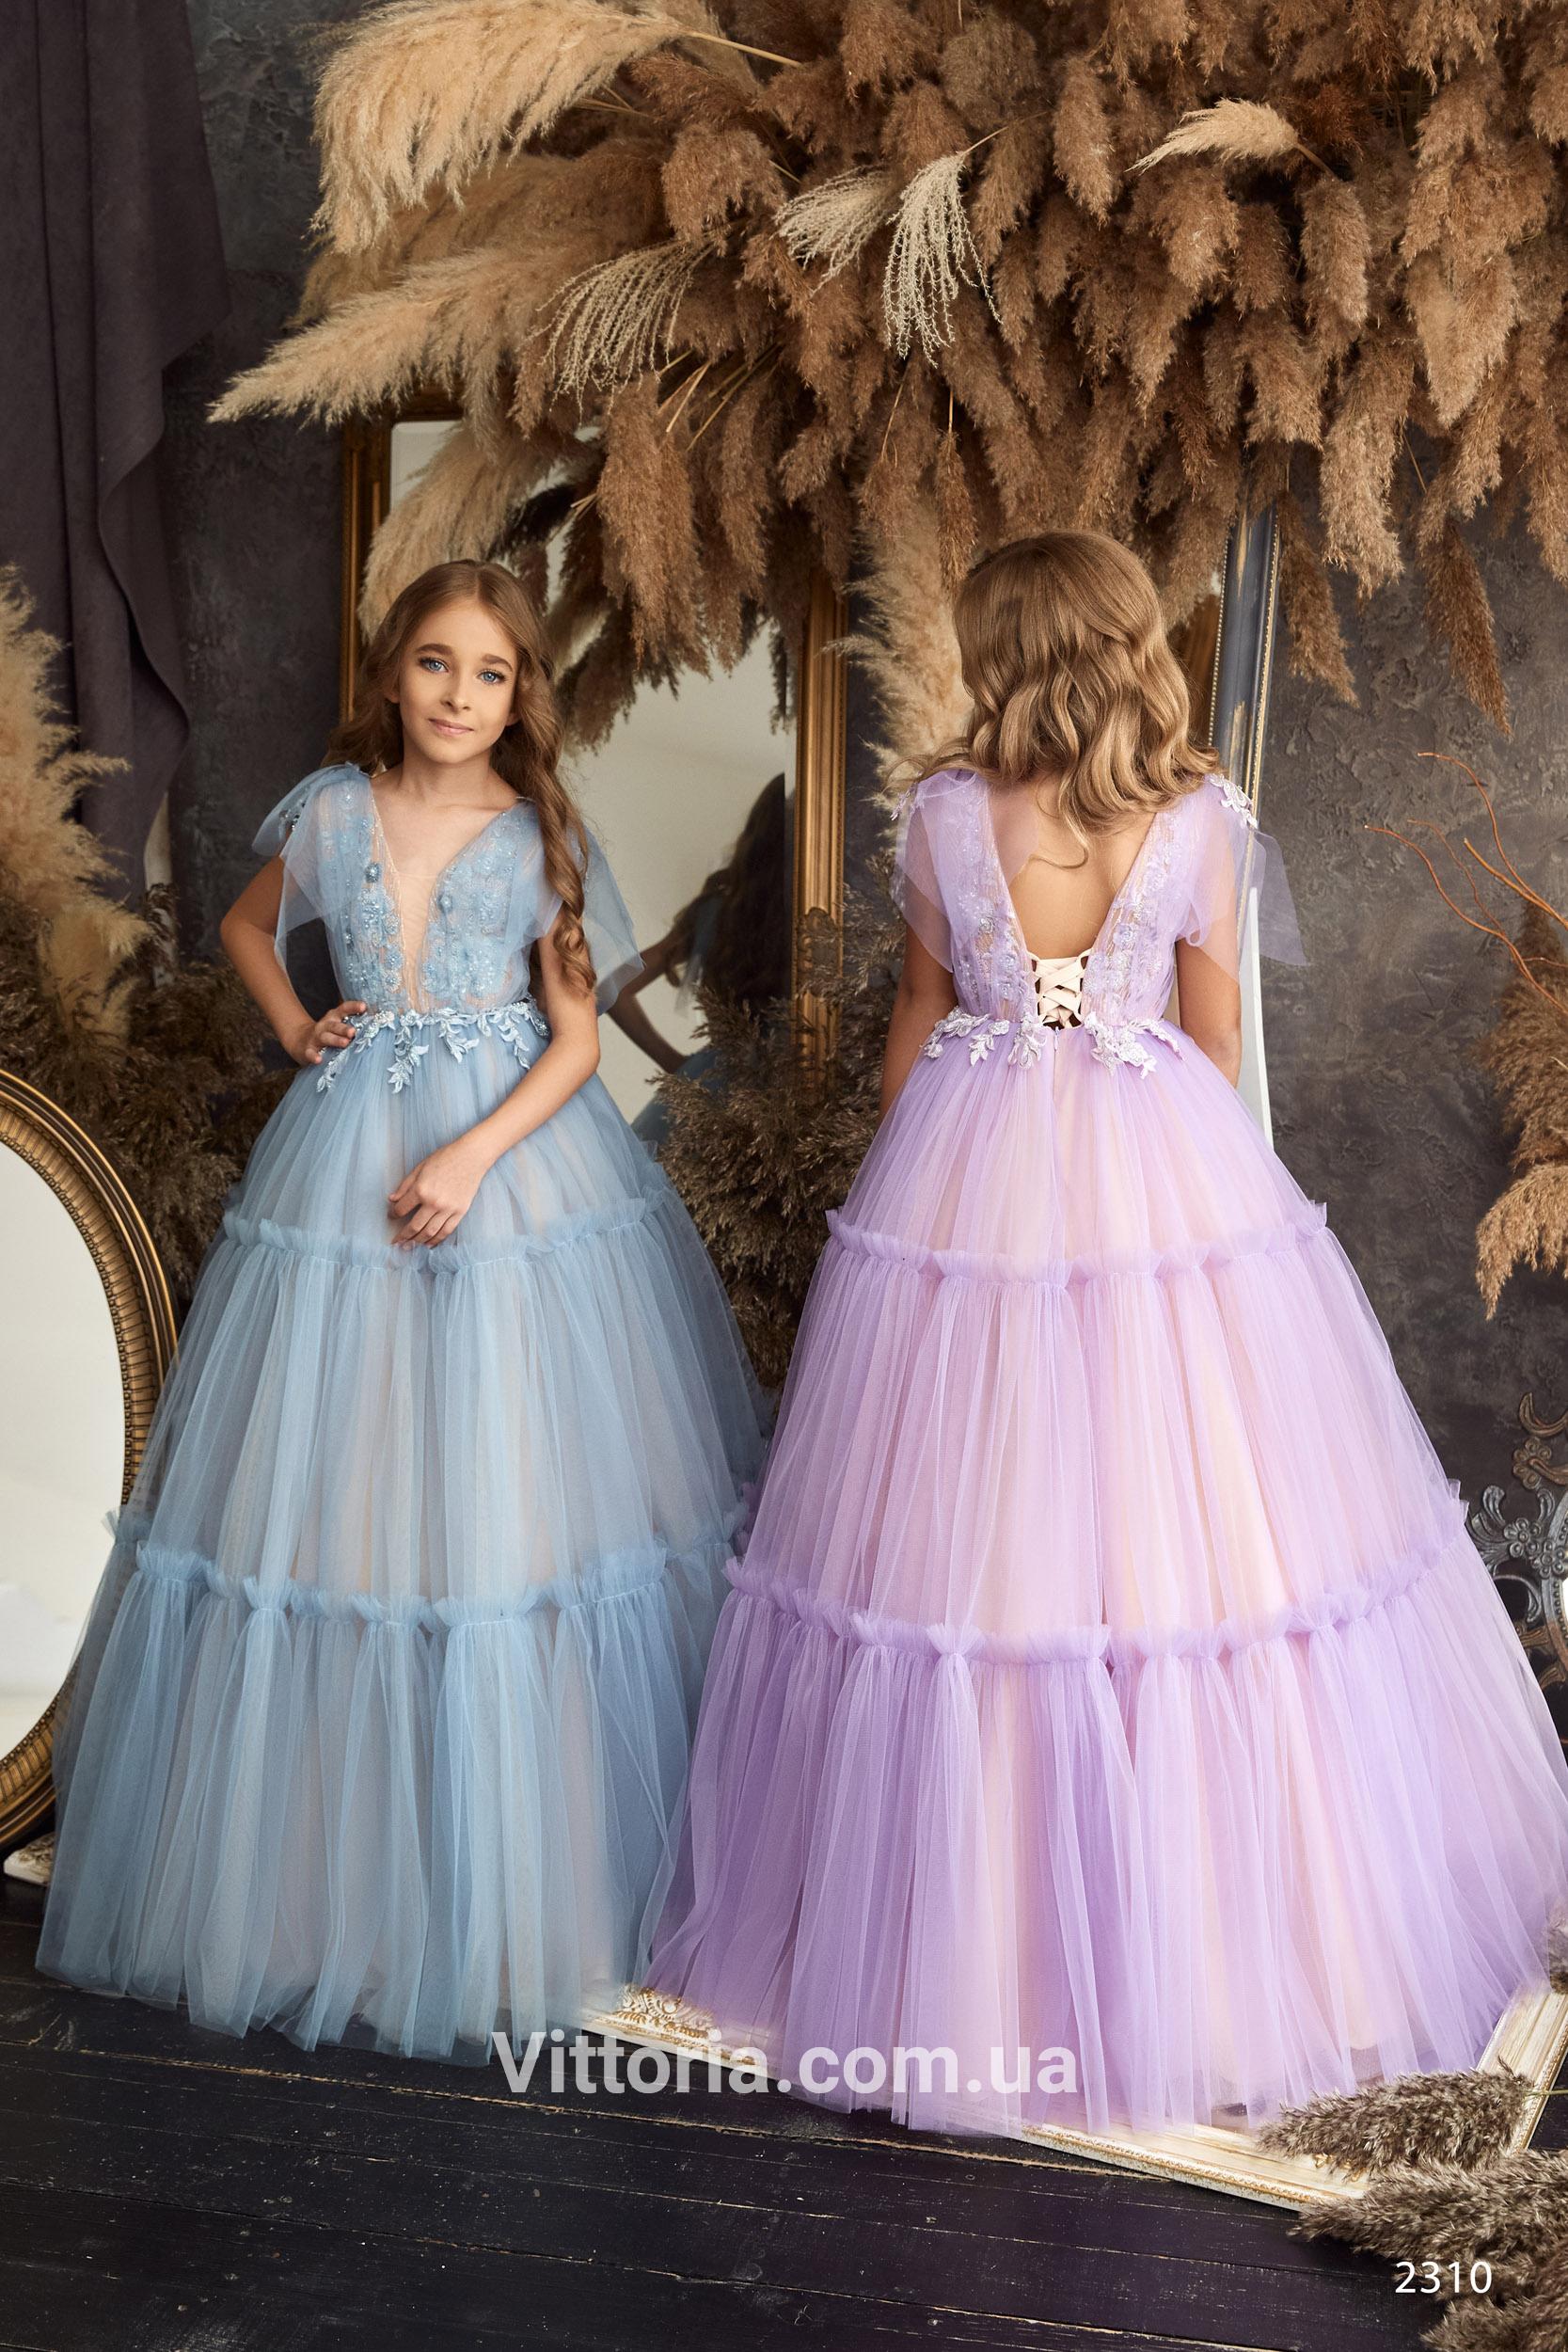 Детское платье 2310